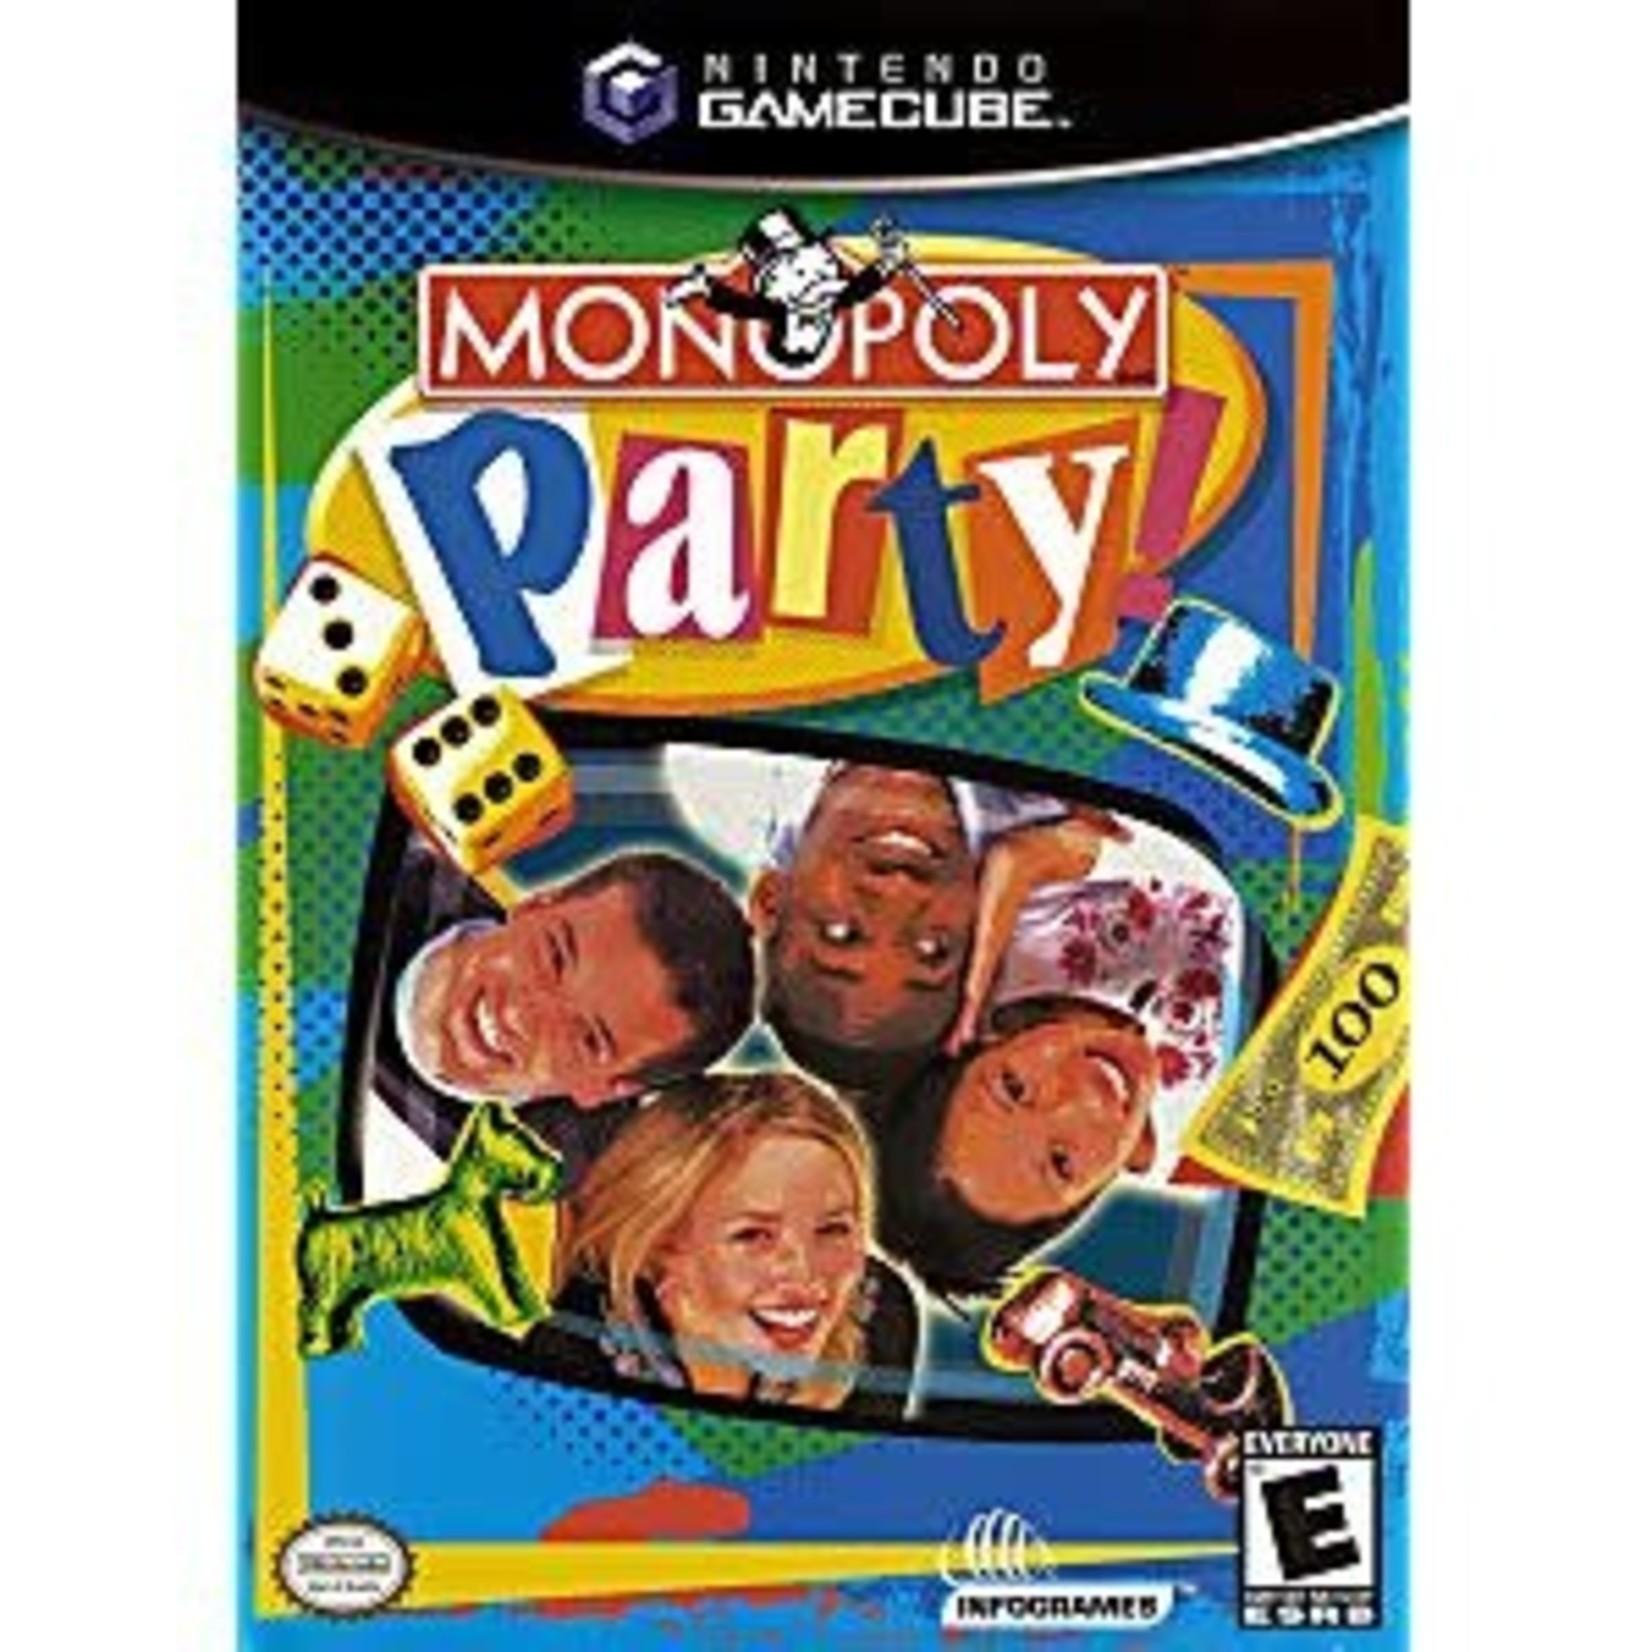 GCU-Monopoly Party